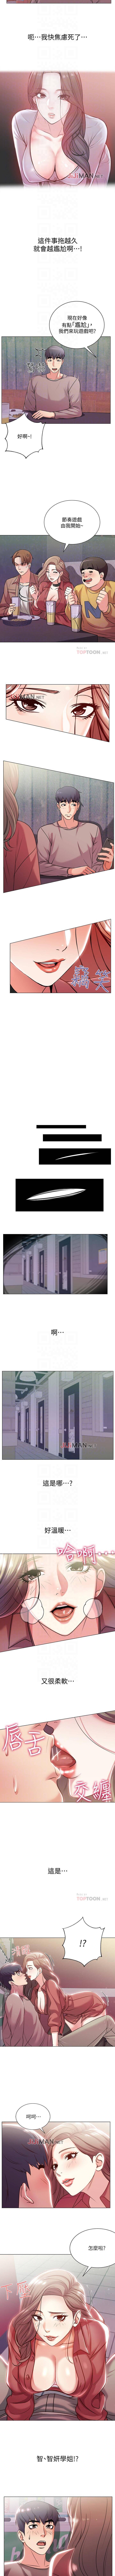 【周三连载】超市的漂亮姐姐(作者:北鼻&逃兵) 第1~20话 61